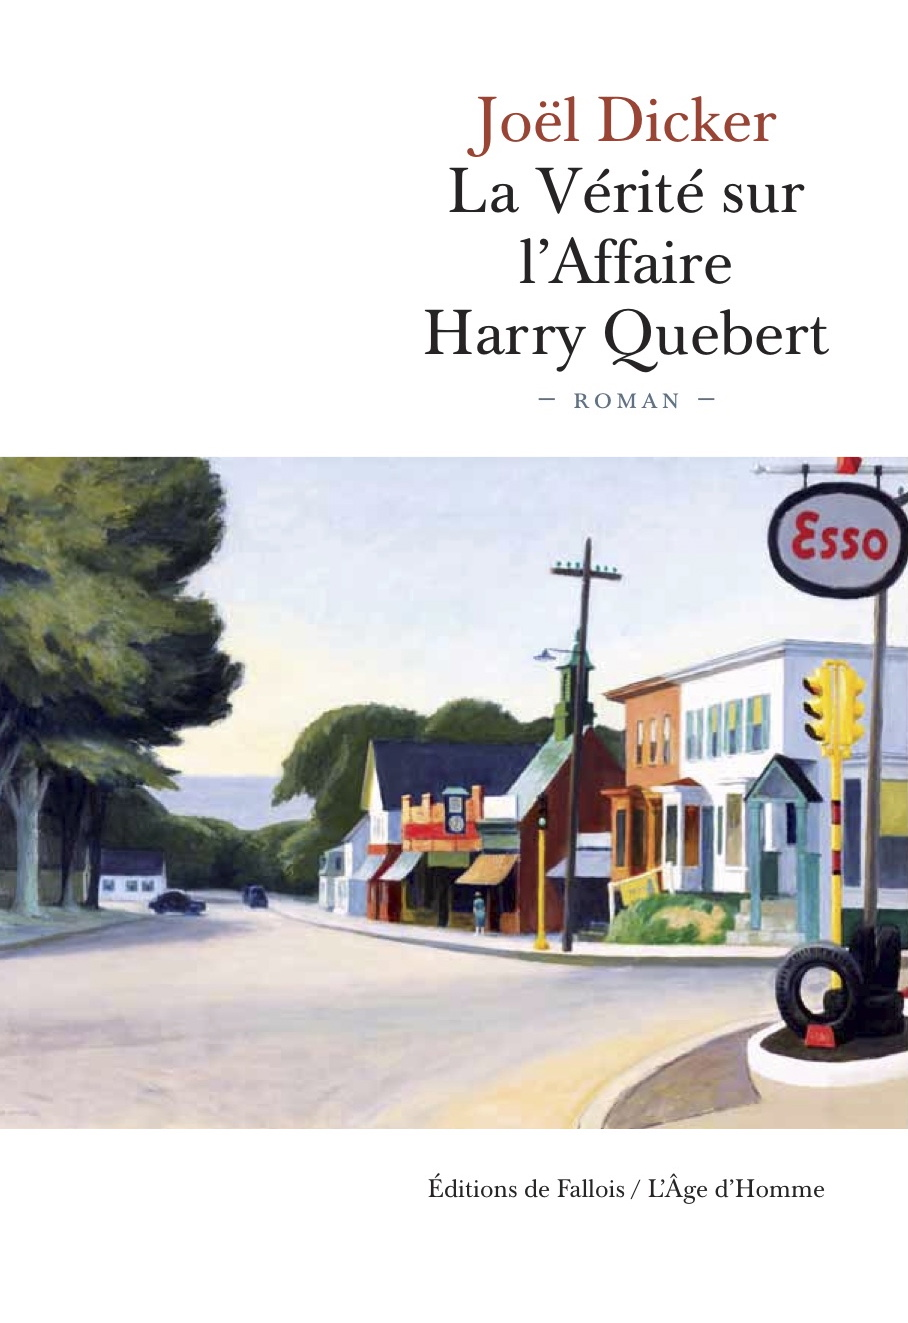 Couverture du roman La Vérité sur l'Affaire Harry Québert de Joël Dicker